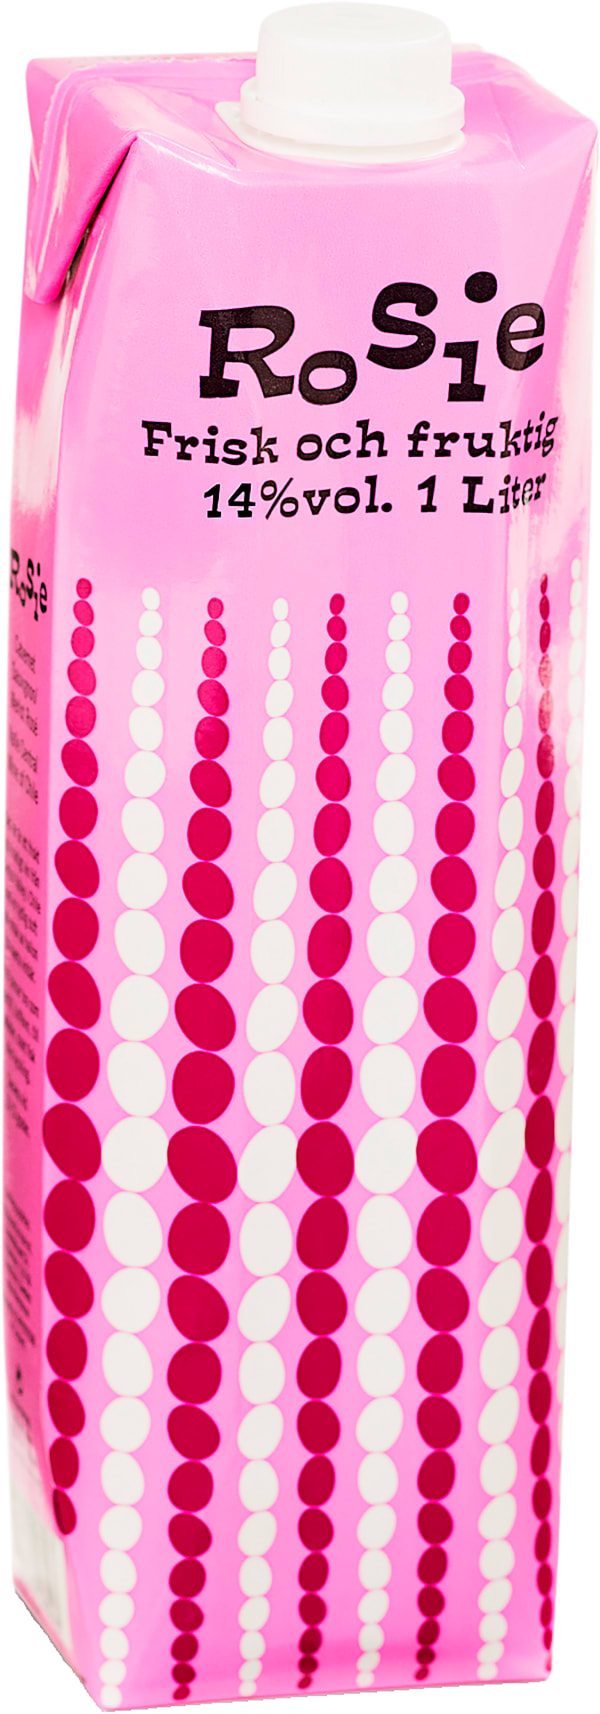 Rosie Rosé 2020 carton package